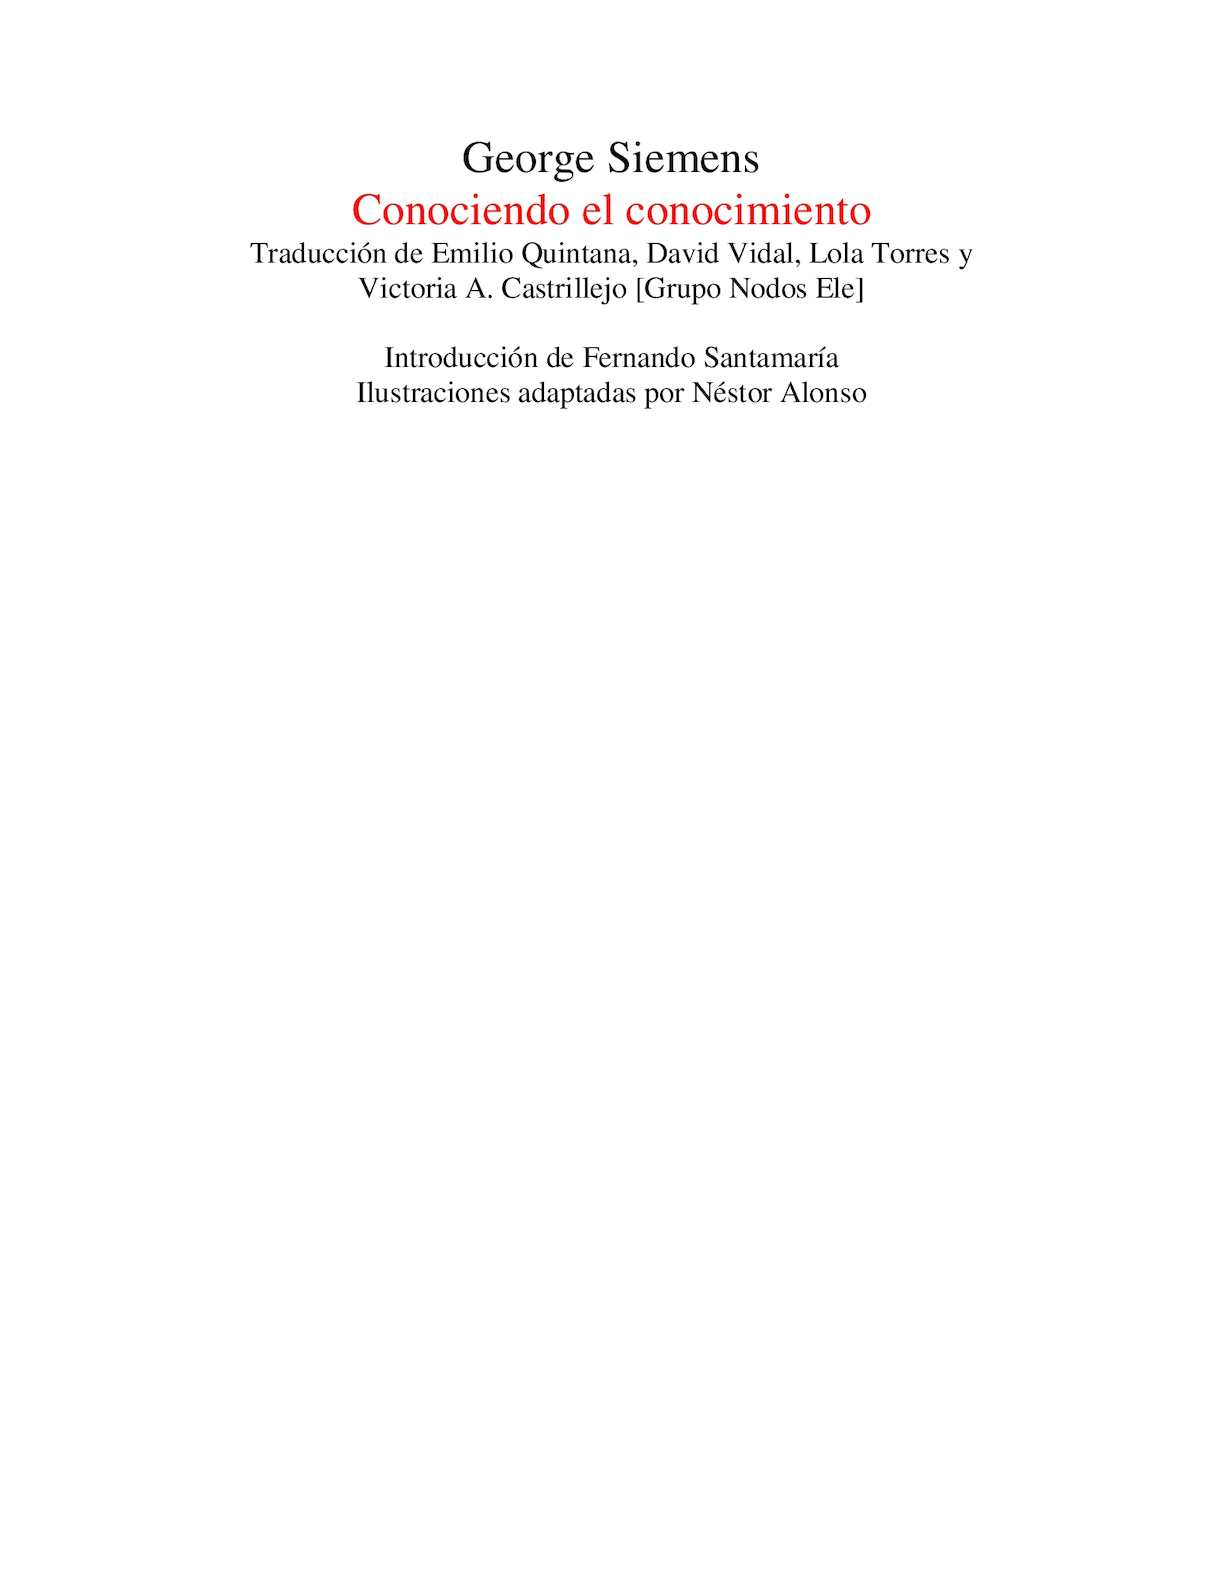 Calaméo - Conociendo el conocimiento - George Siemens